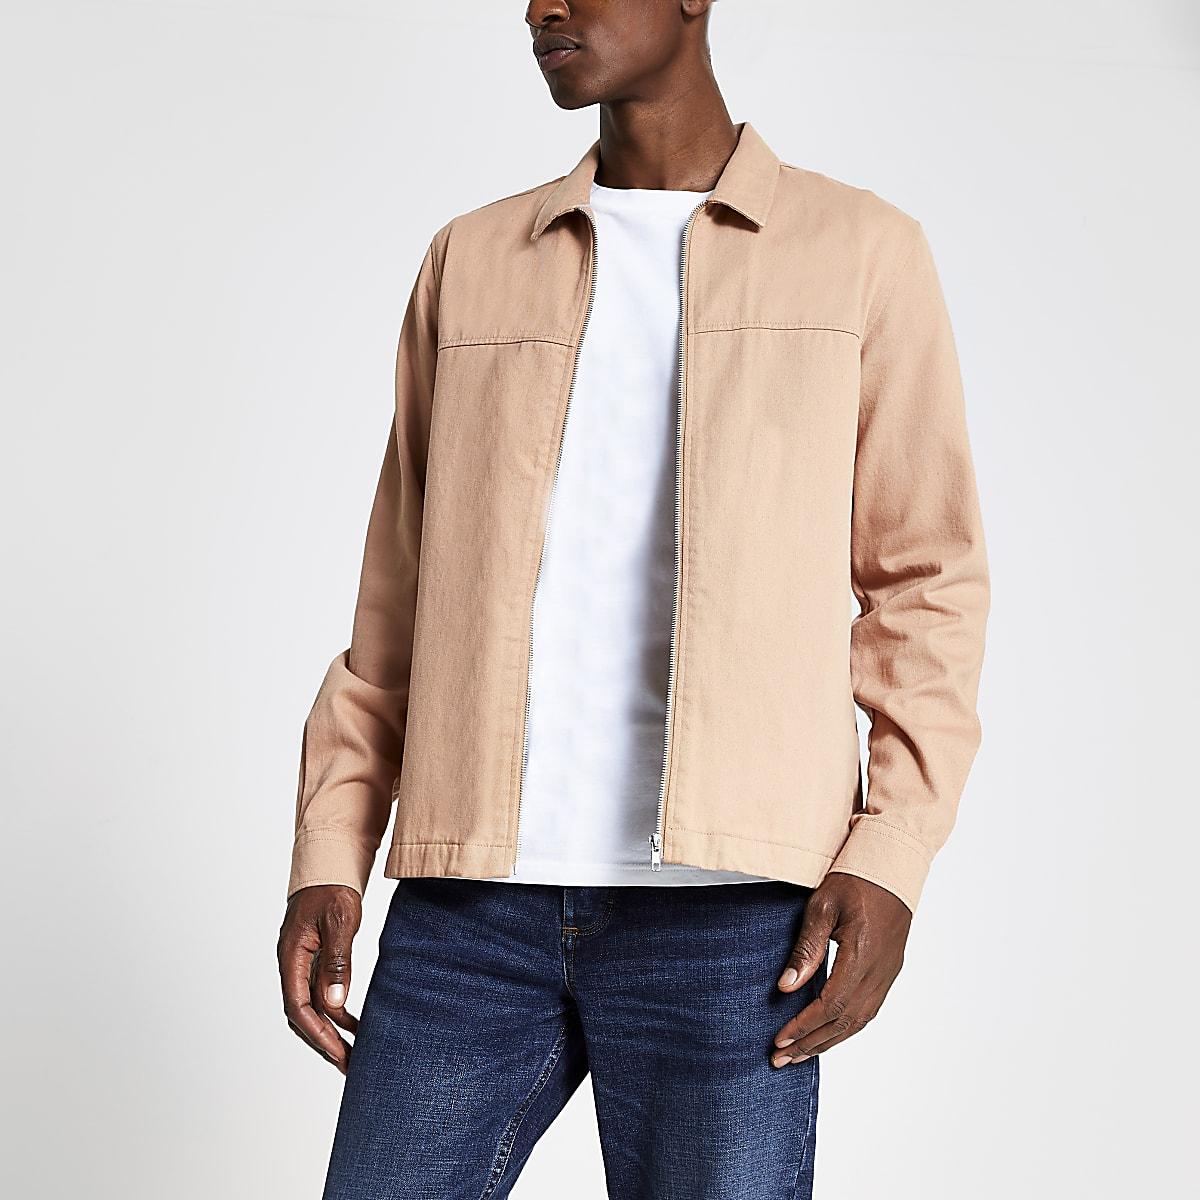 Roze overshirt met rits voor en lange mouwen